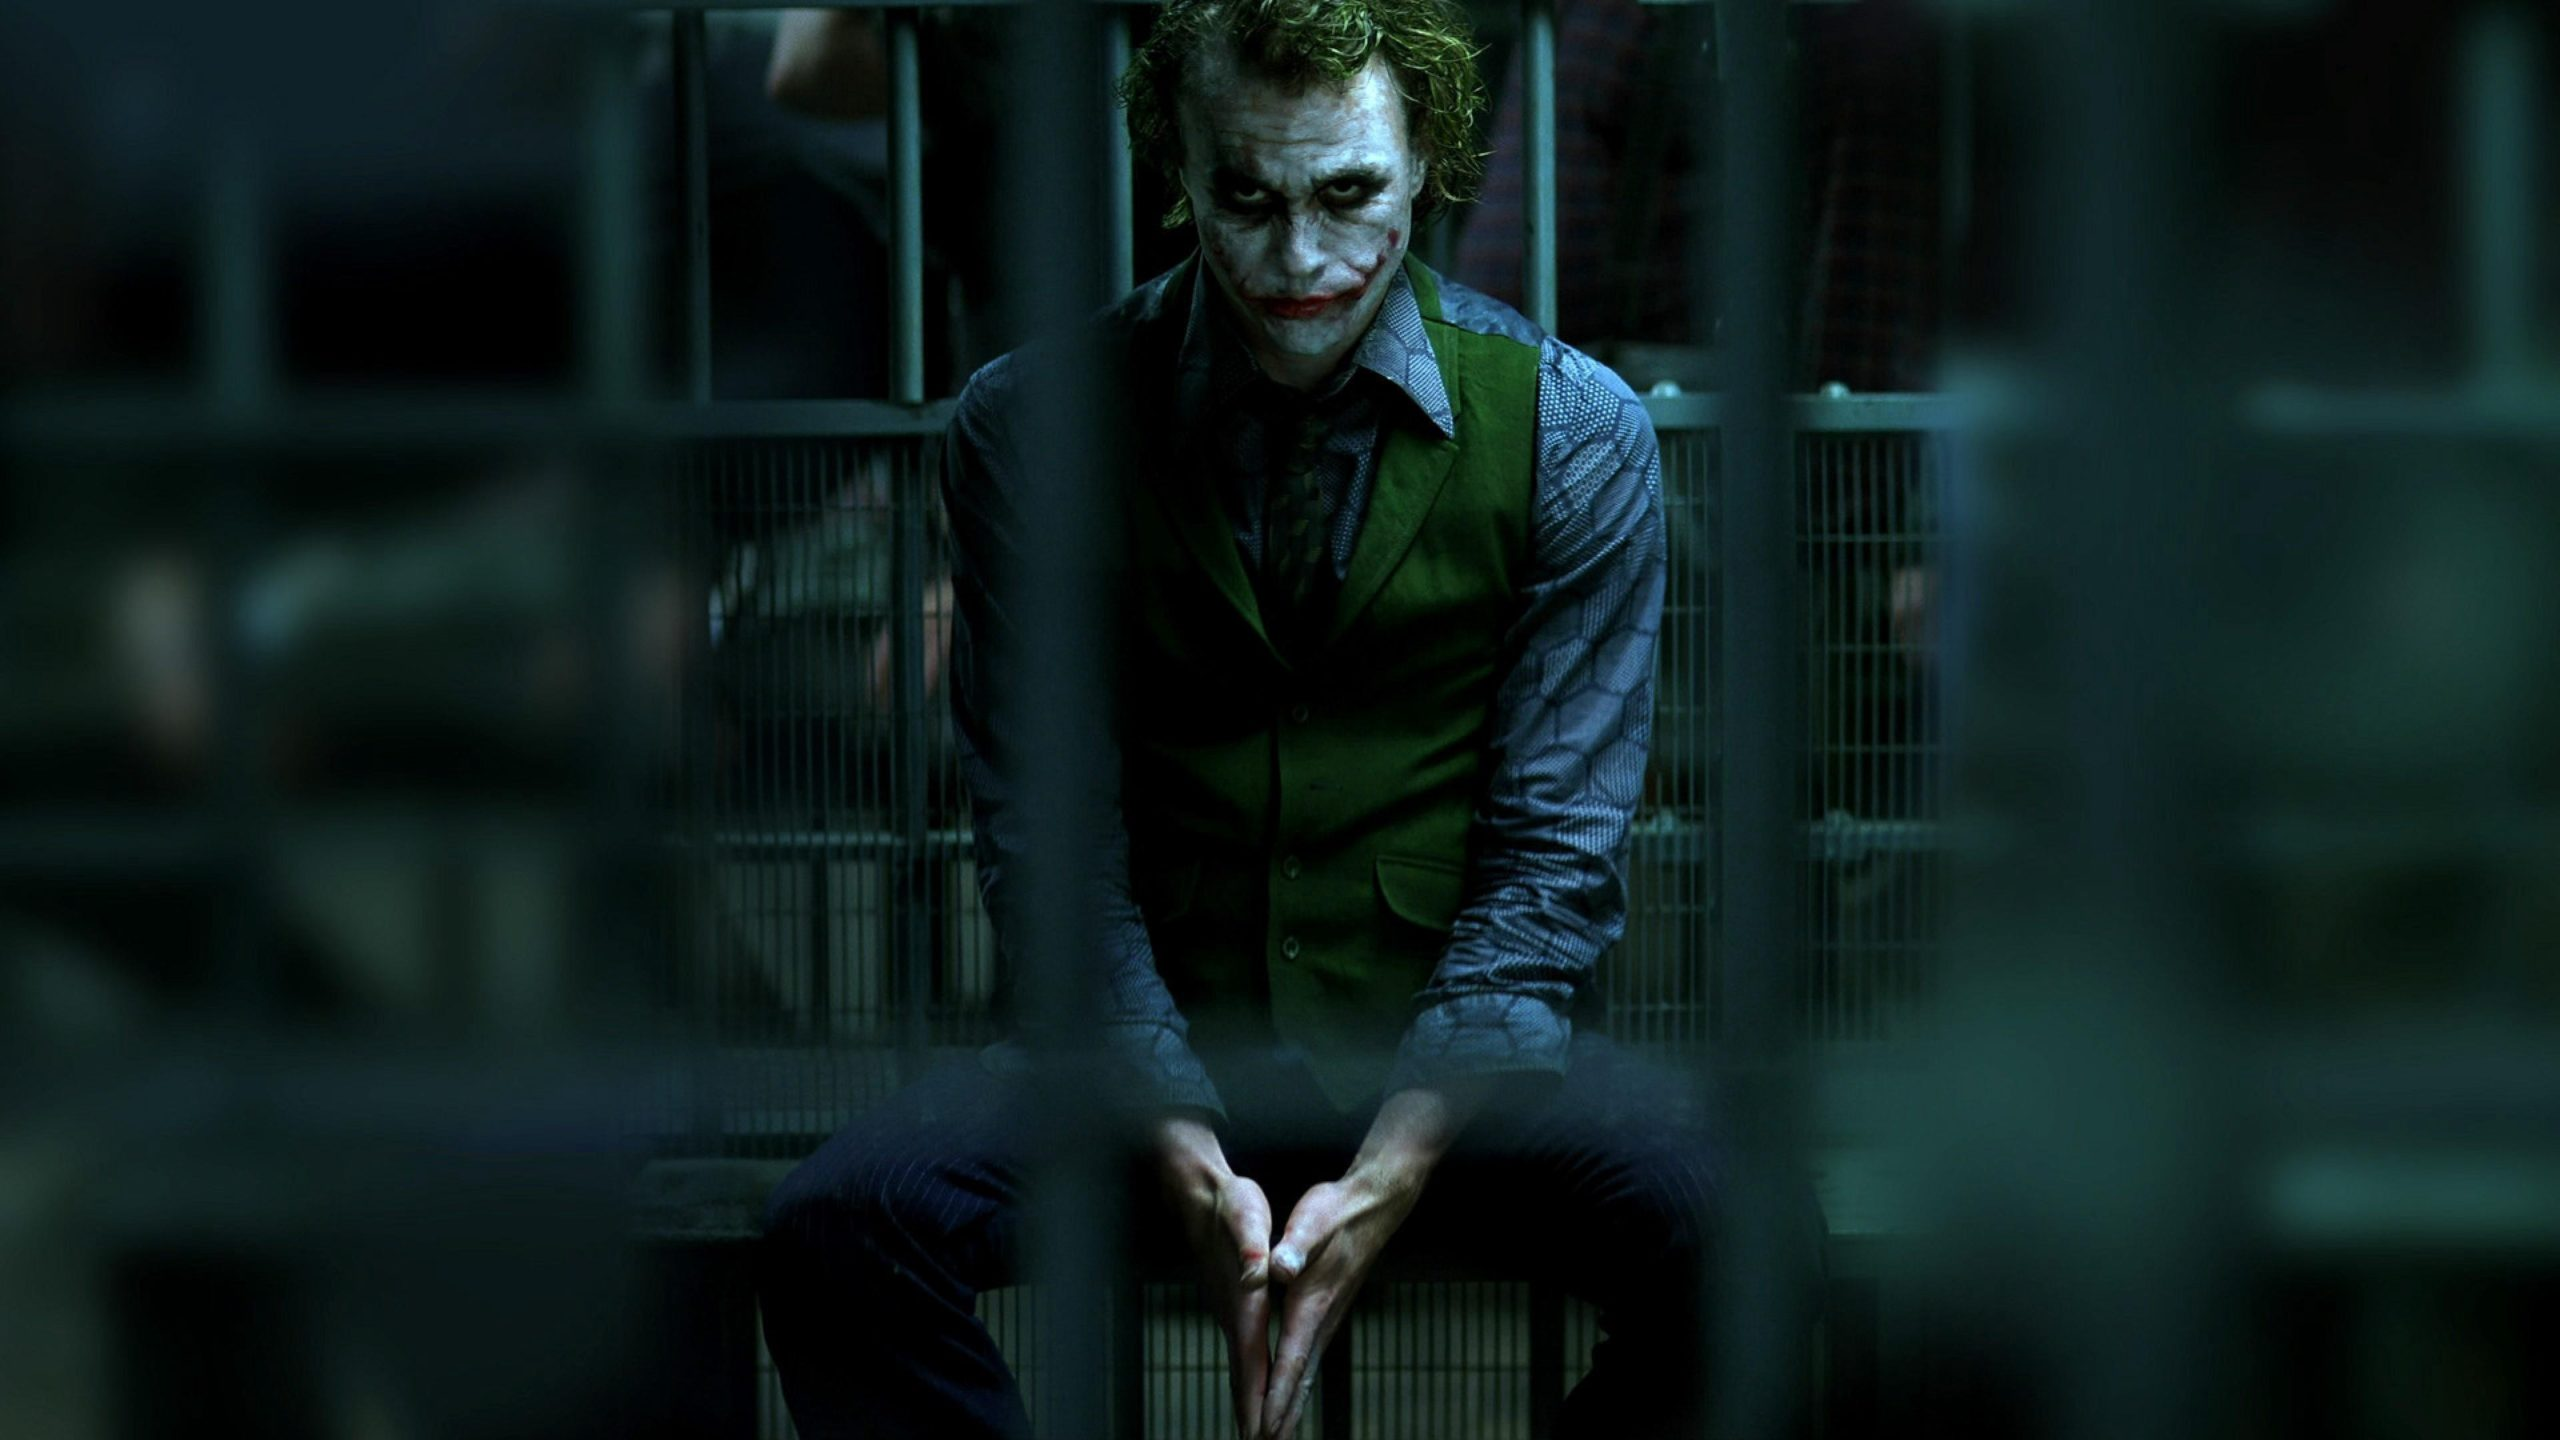 The Joker in Batman in The Dark Knight (2008)